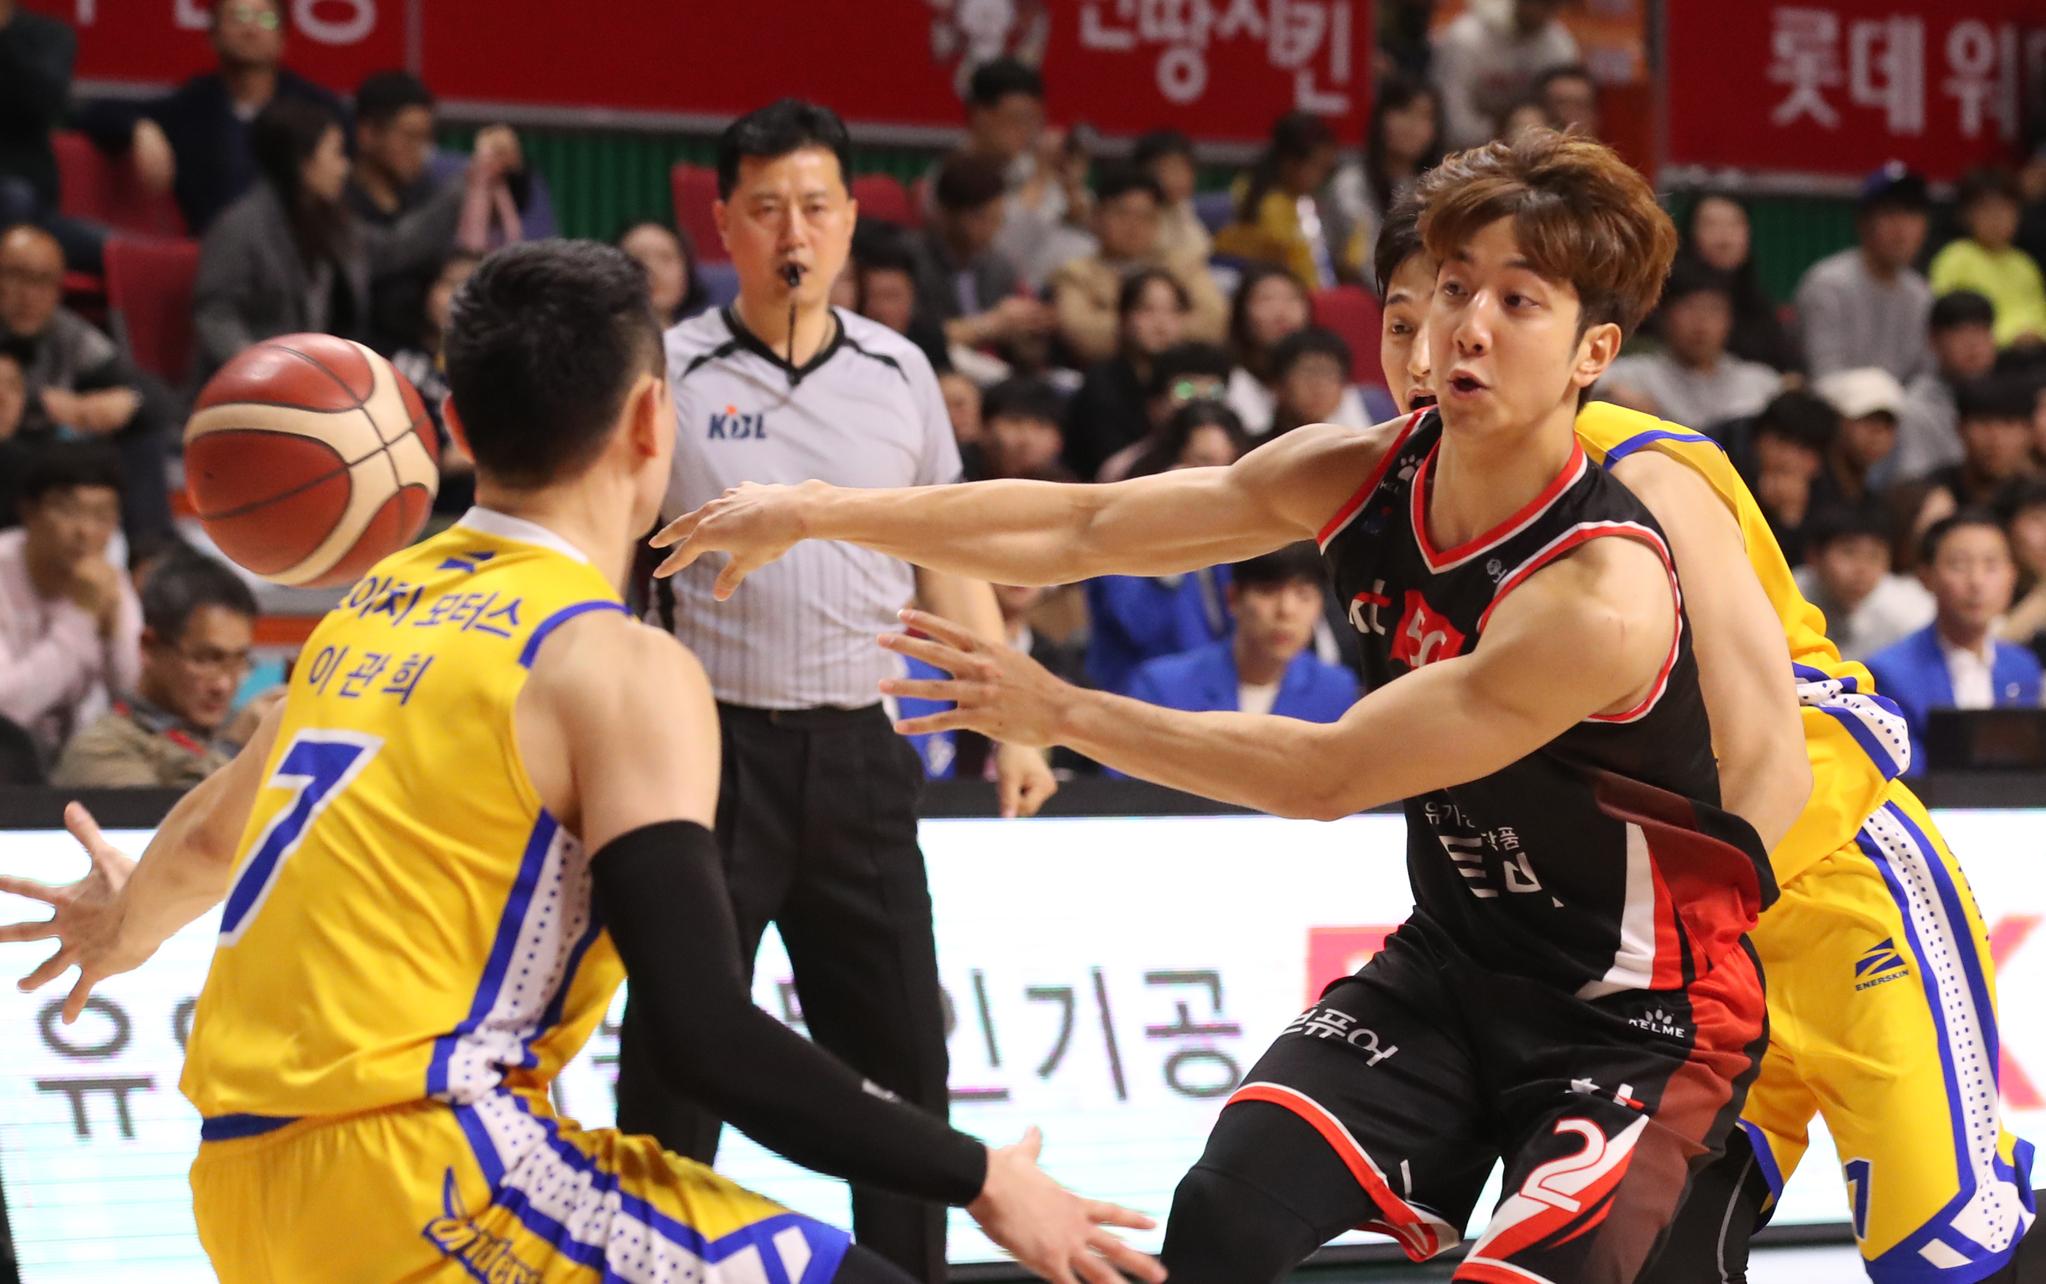 3일 부산 사직실내체육관에서 열린 서울 삼성 경기에서 부산 KT 허훈(가운데)이 패스를 하고 있다.[ 뉴스1]